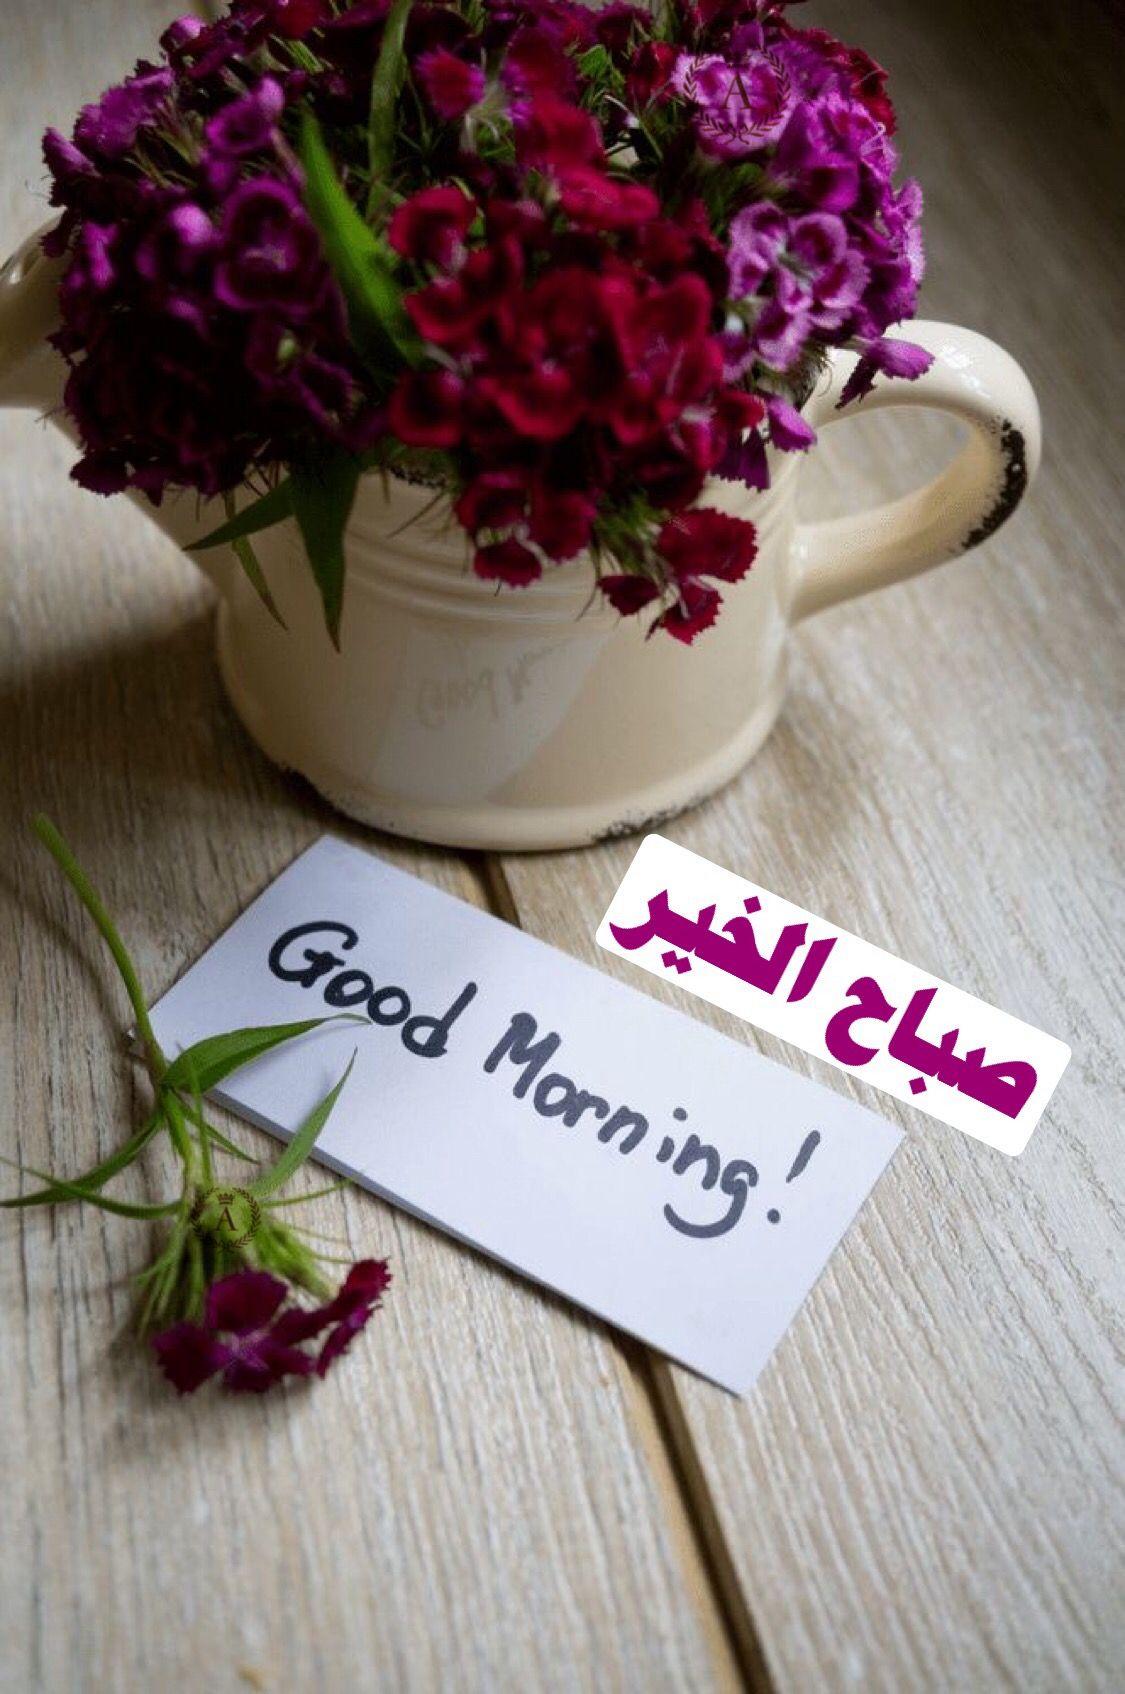 صباح الخير Good Morning Flowers Good Morning Images Hd Good Morning Greeting Cards